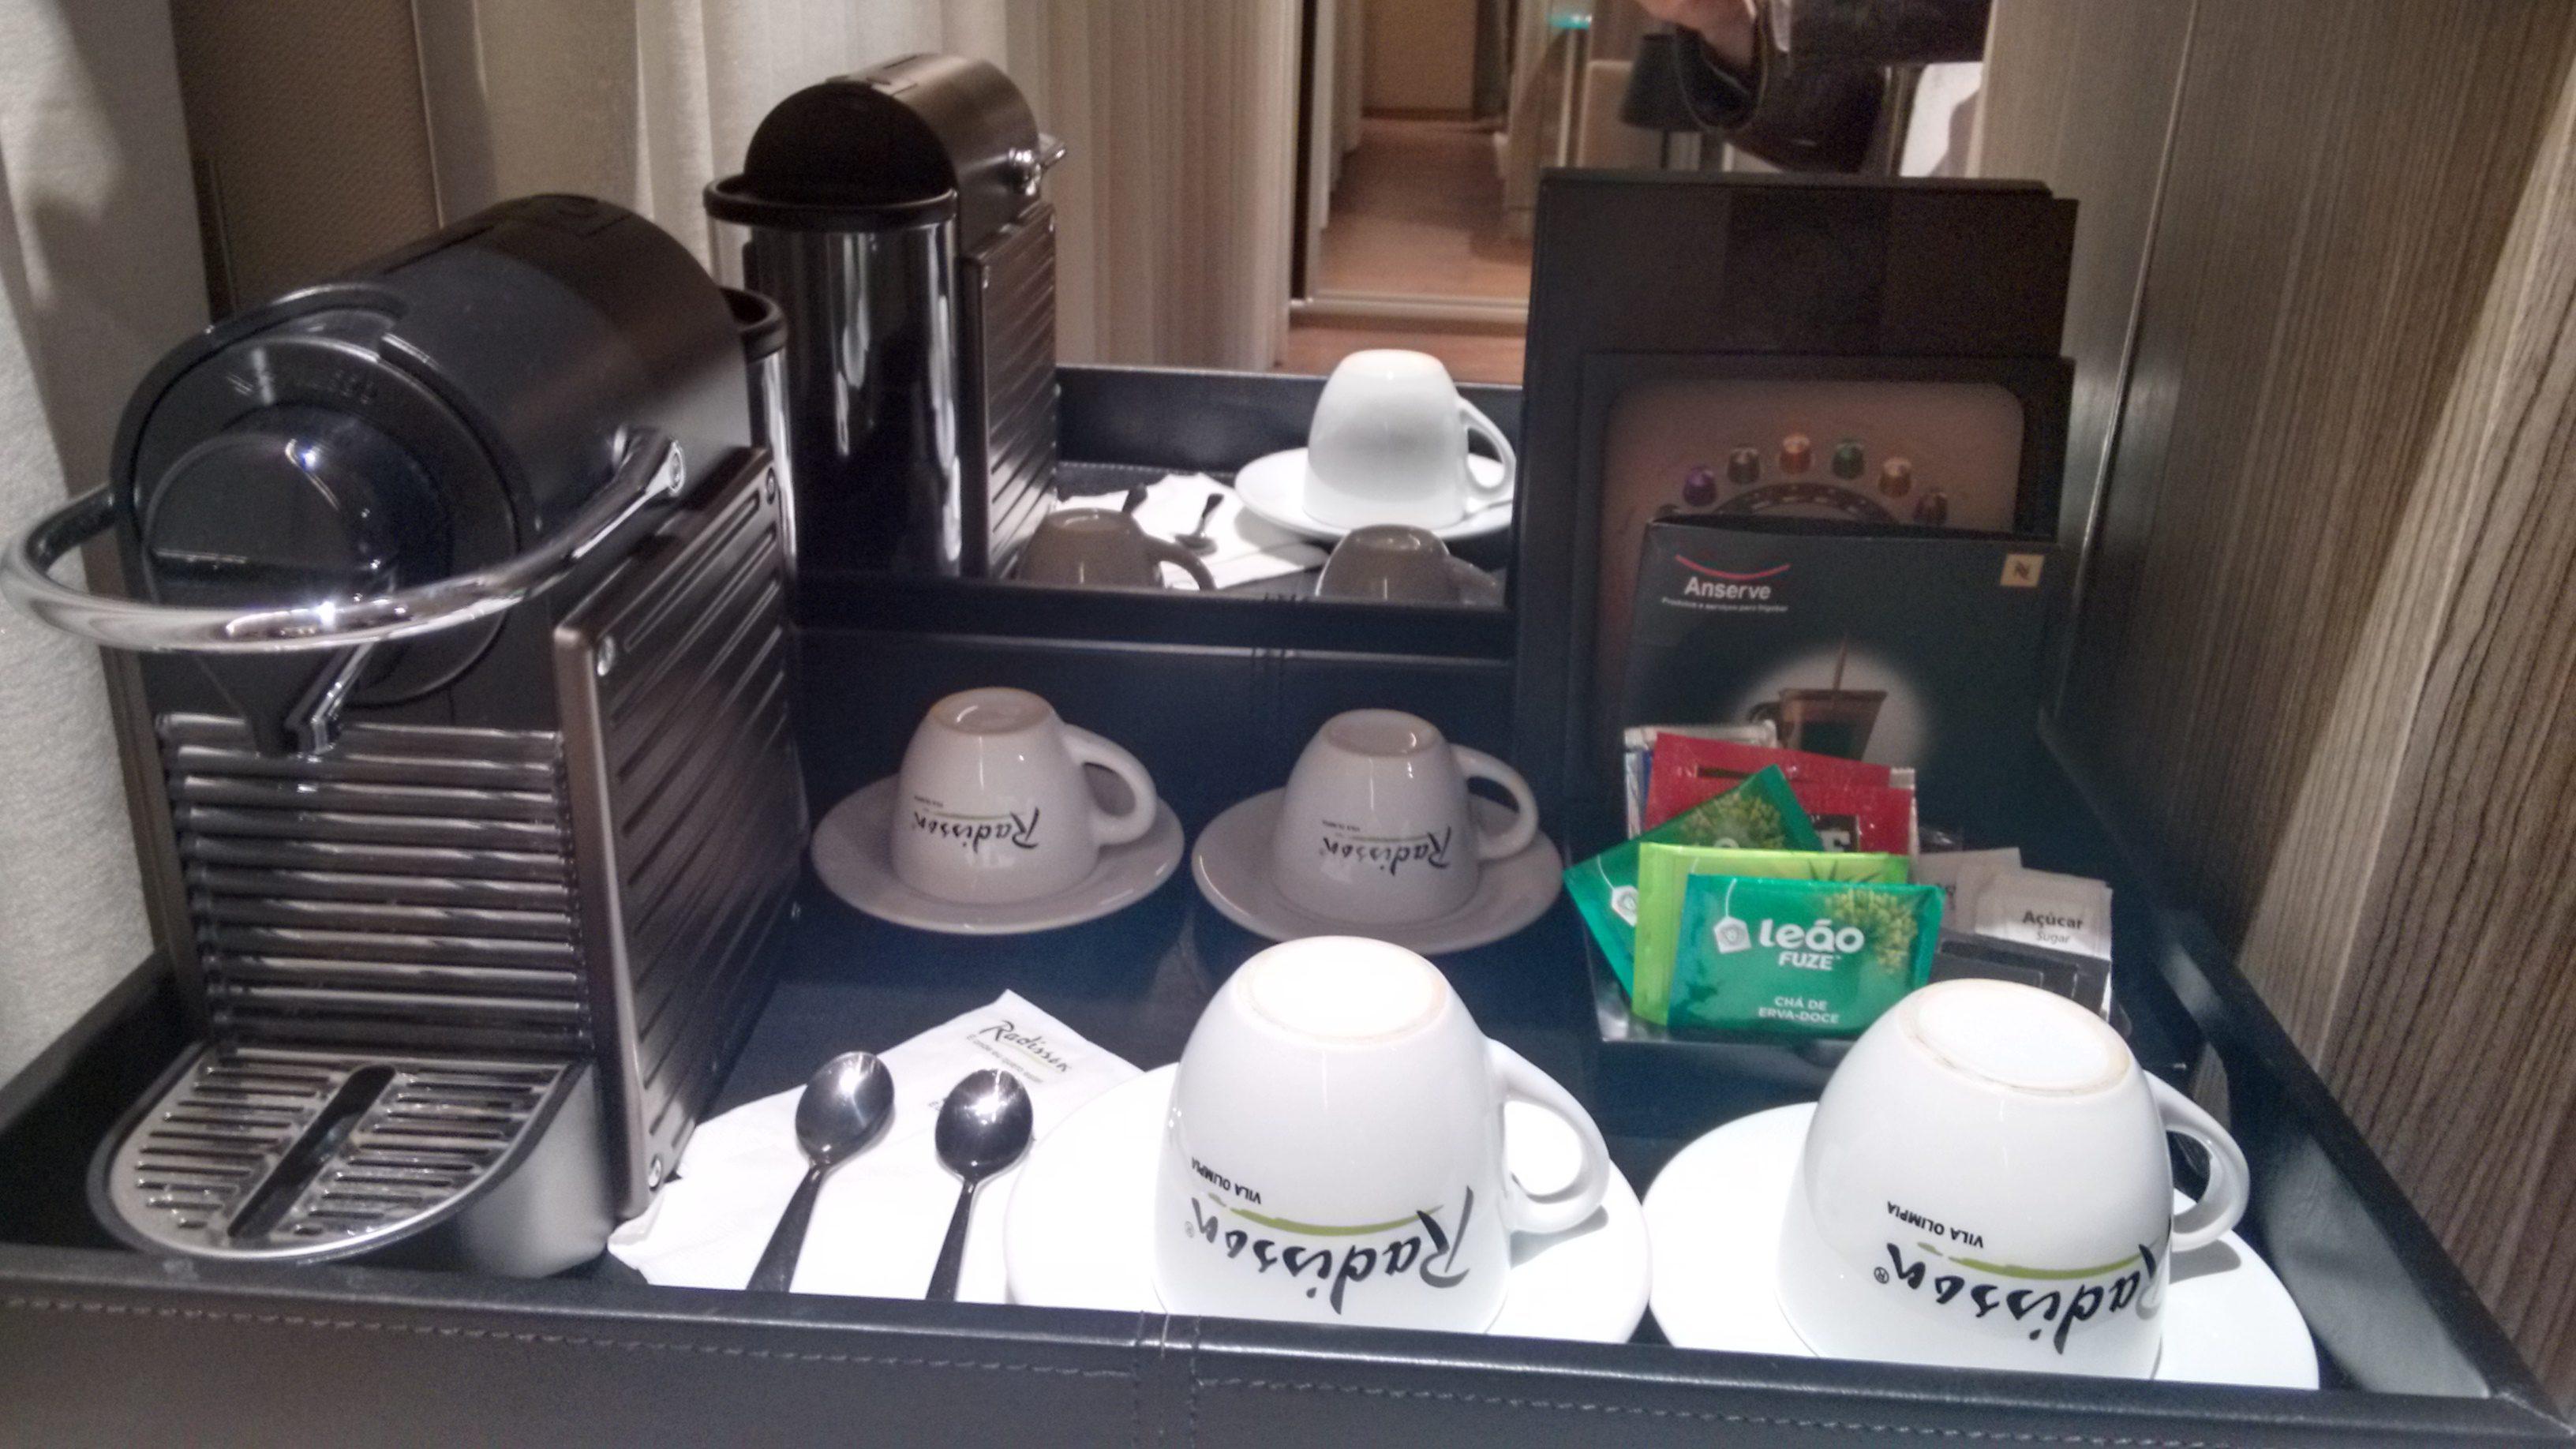 Cafeteira Nespreso é um item oferecido nos apartamentos